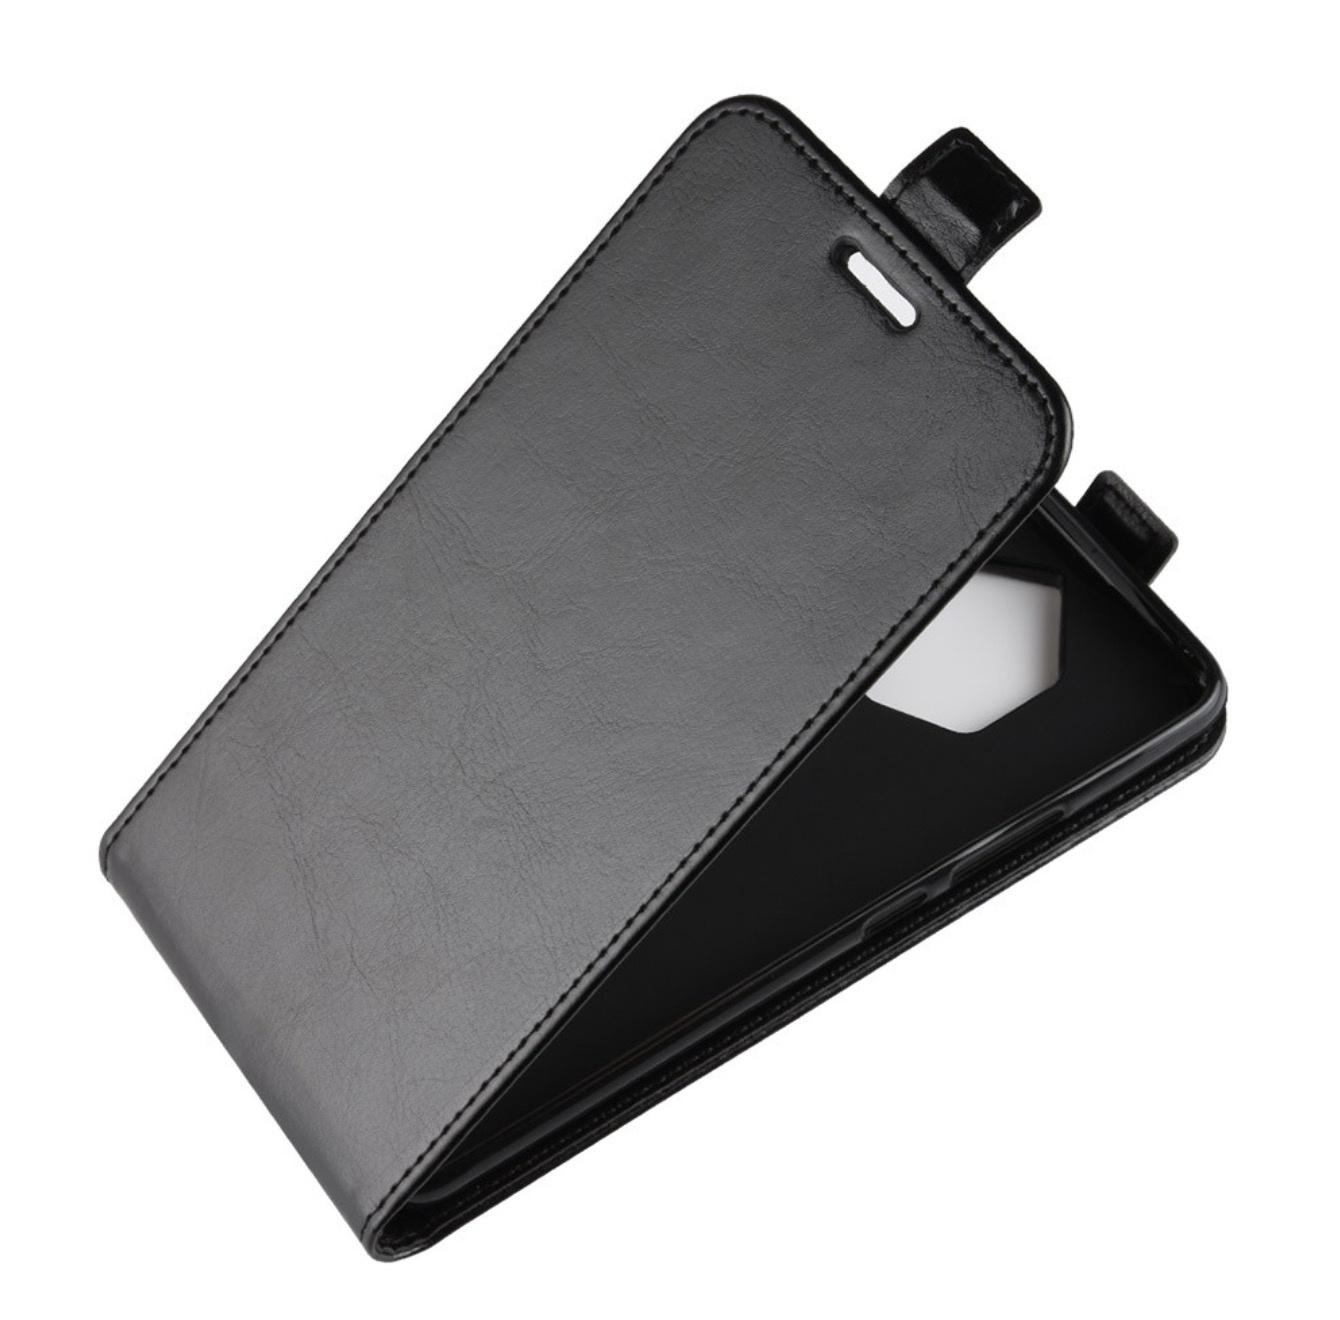 Чехол-флип MyPads для DOOGEE BL7000 вертикальный откидной черный